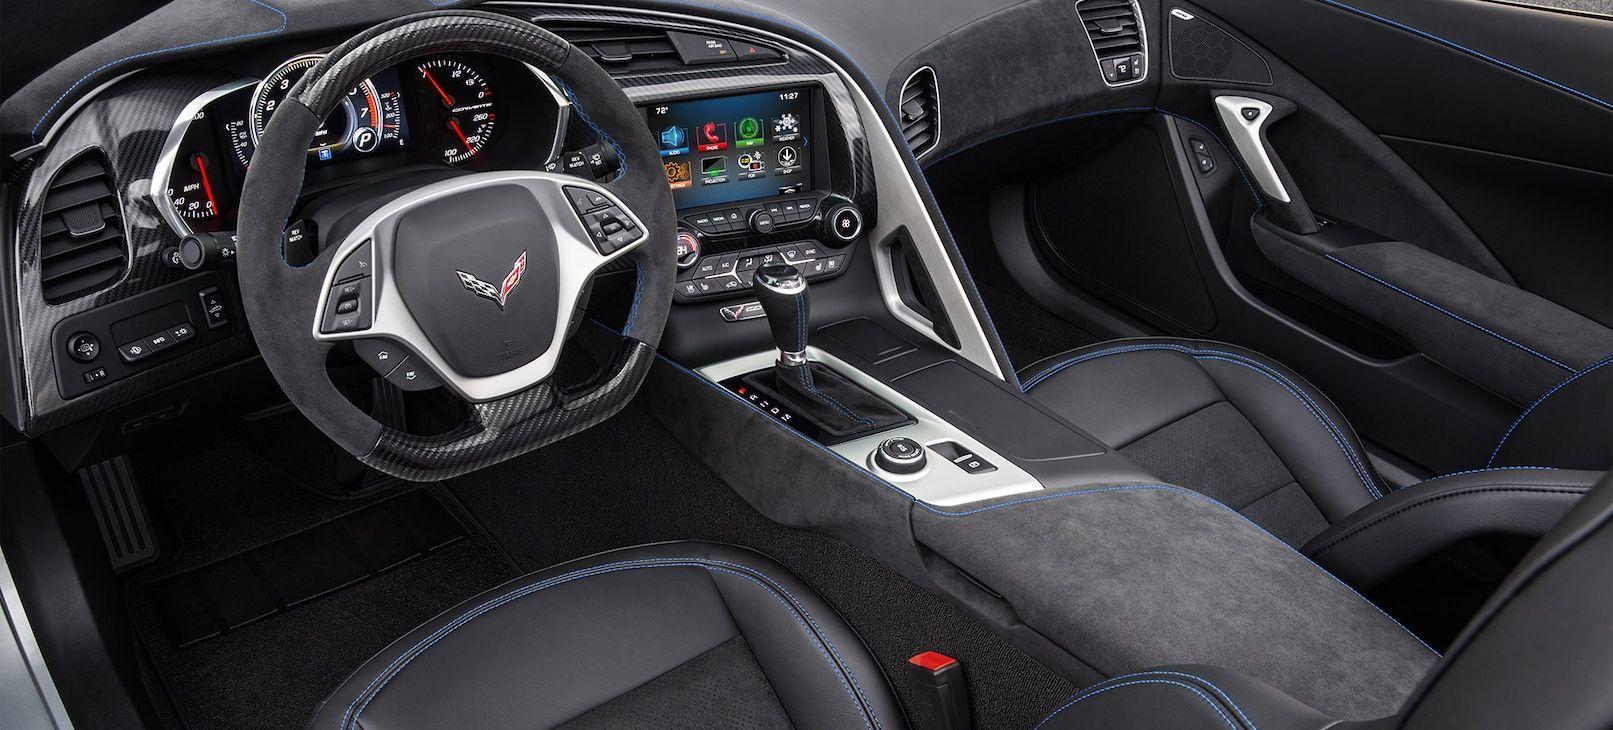 2019 Corvette Interior